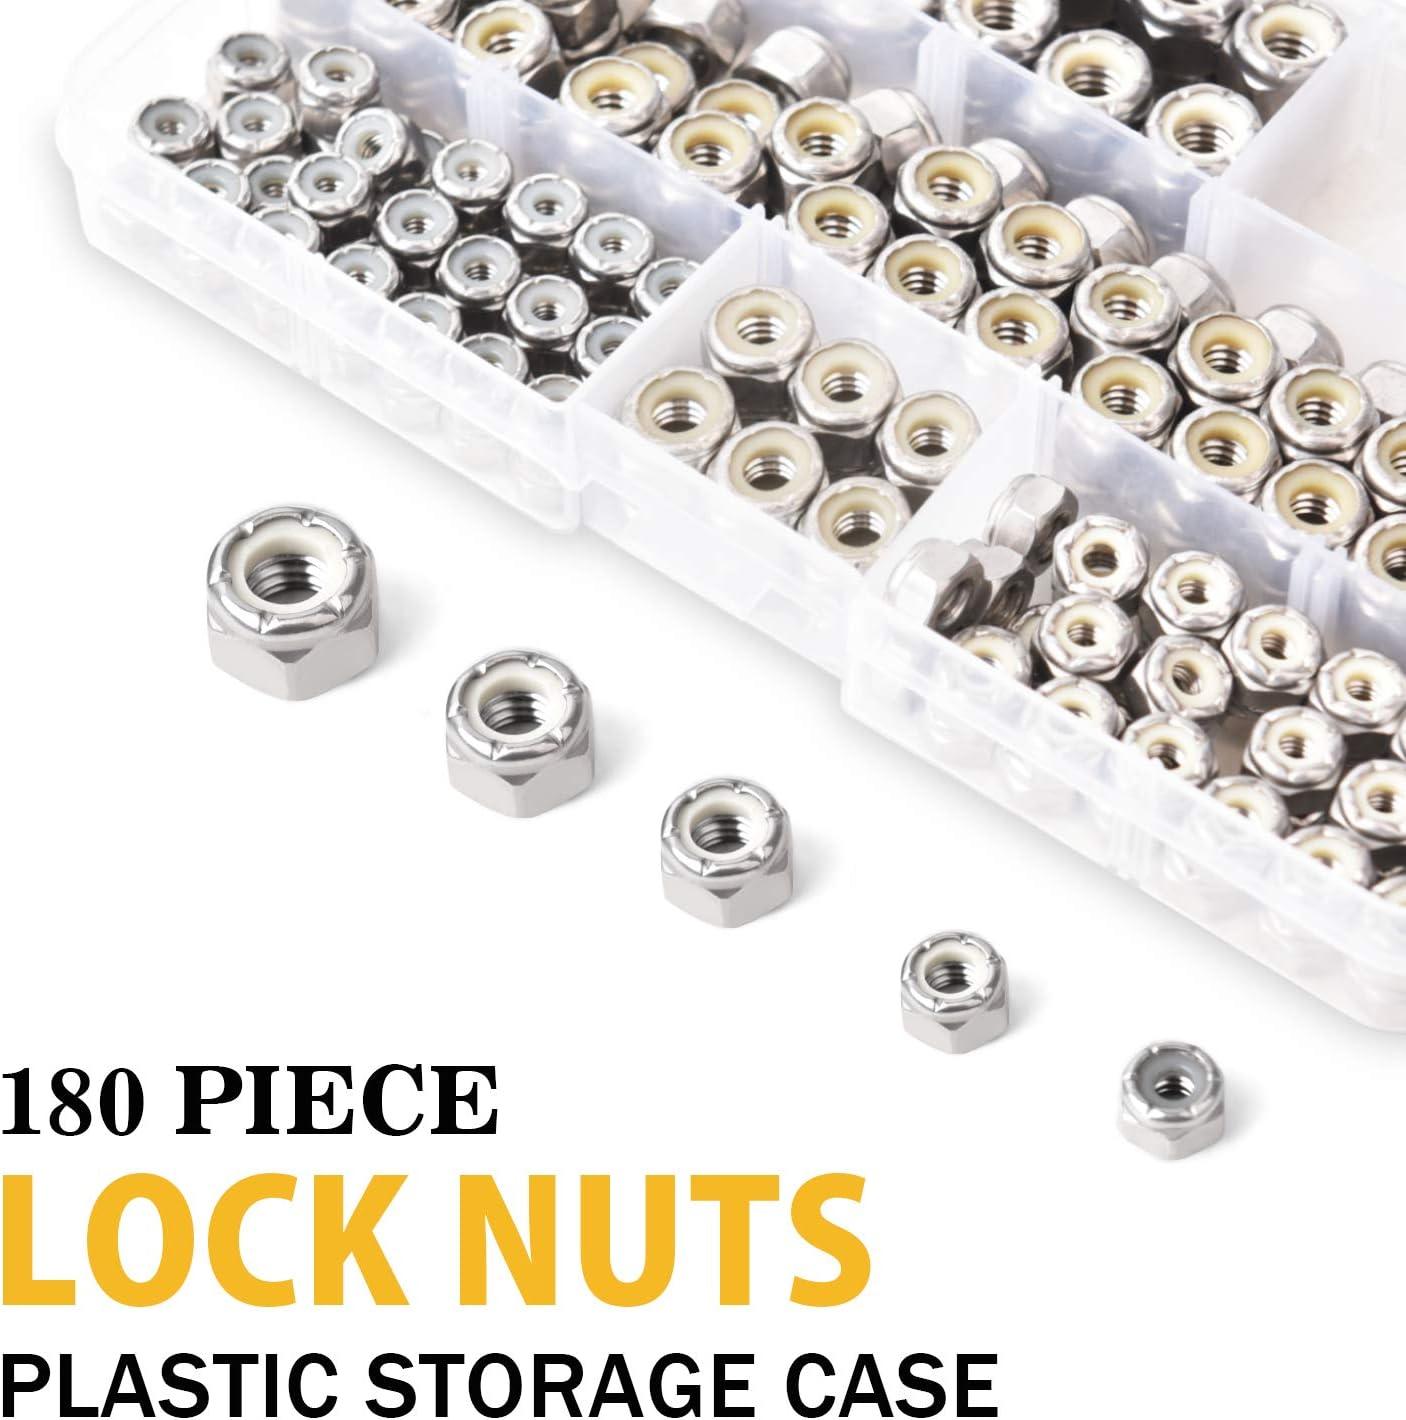 Stainless Steel.289 Vlier SVLP25CT40 Lock pins 5.56 Long Stainless Steel.289 5.56 Long Vlier Inc